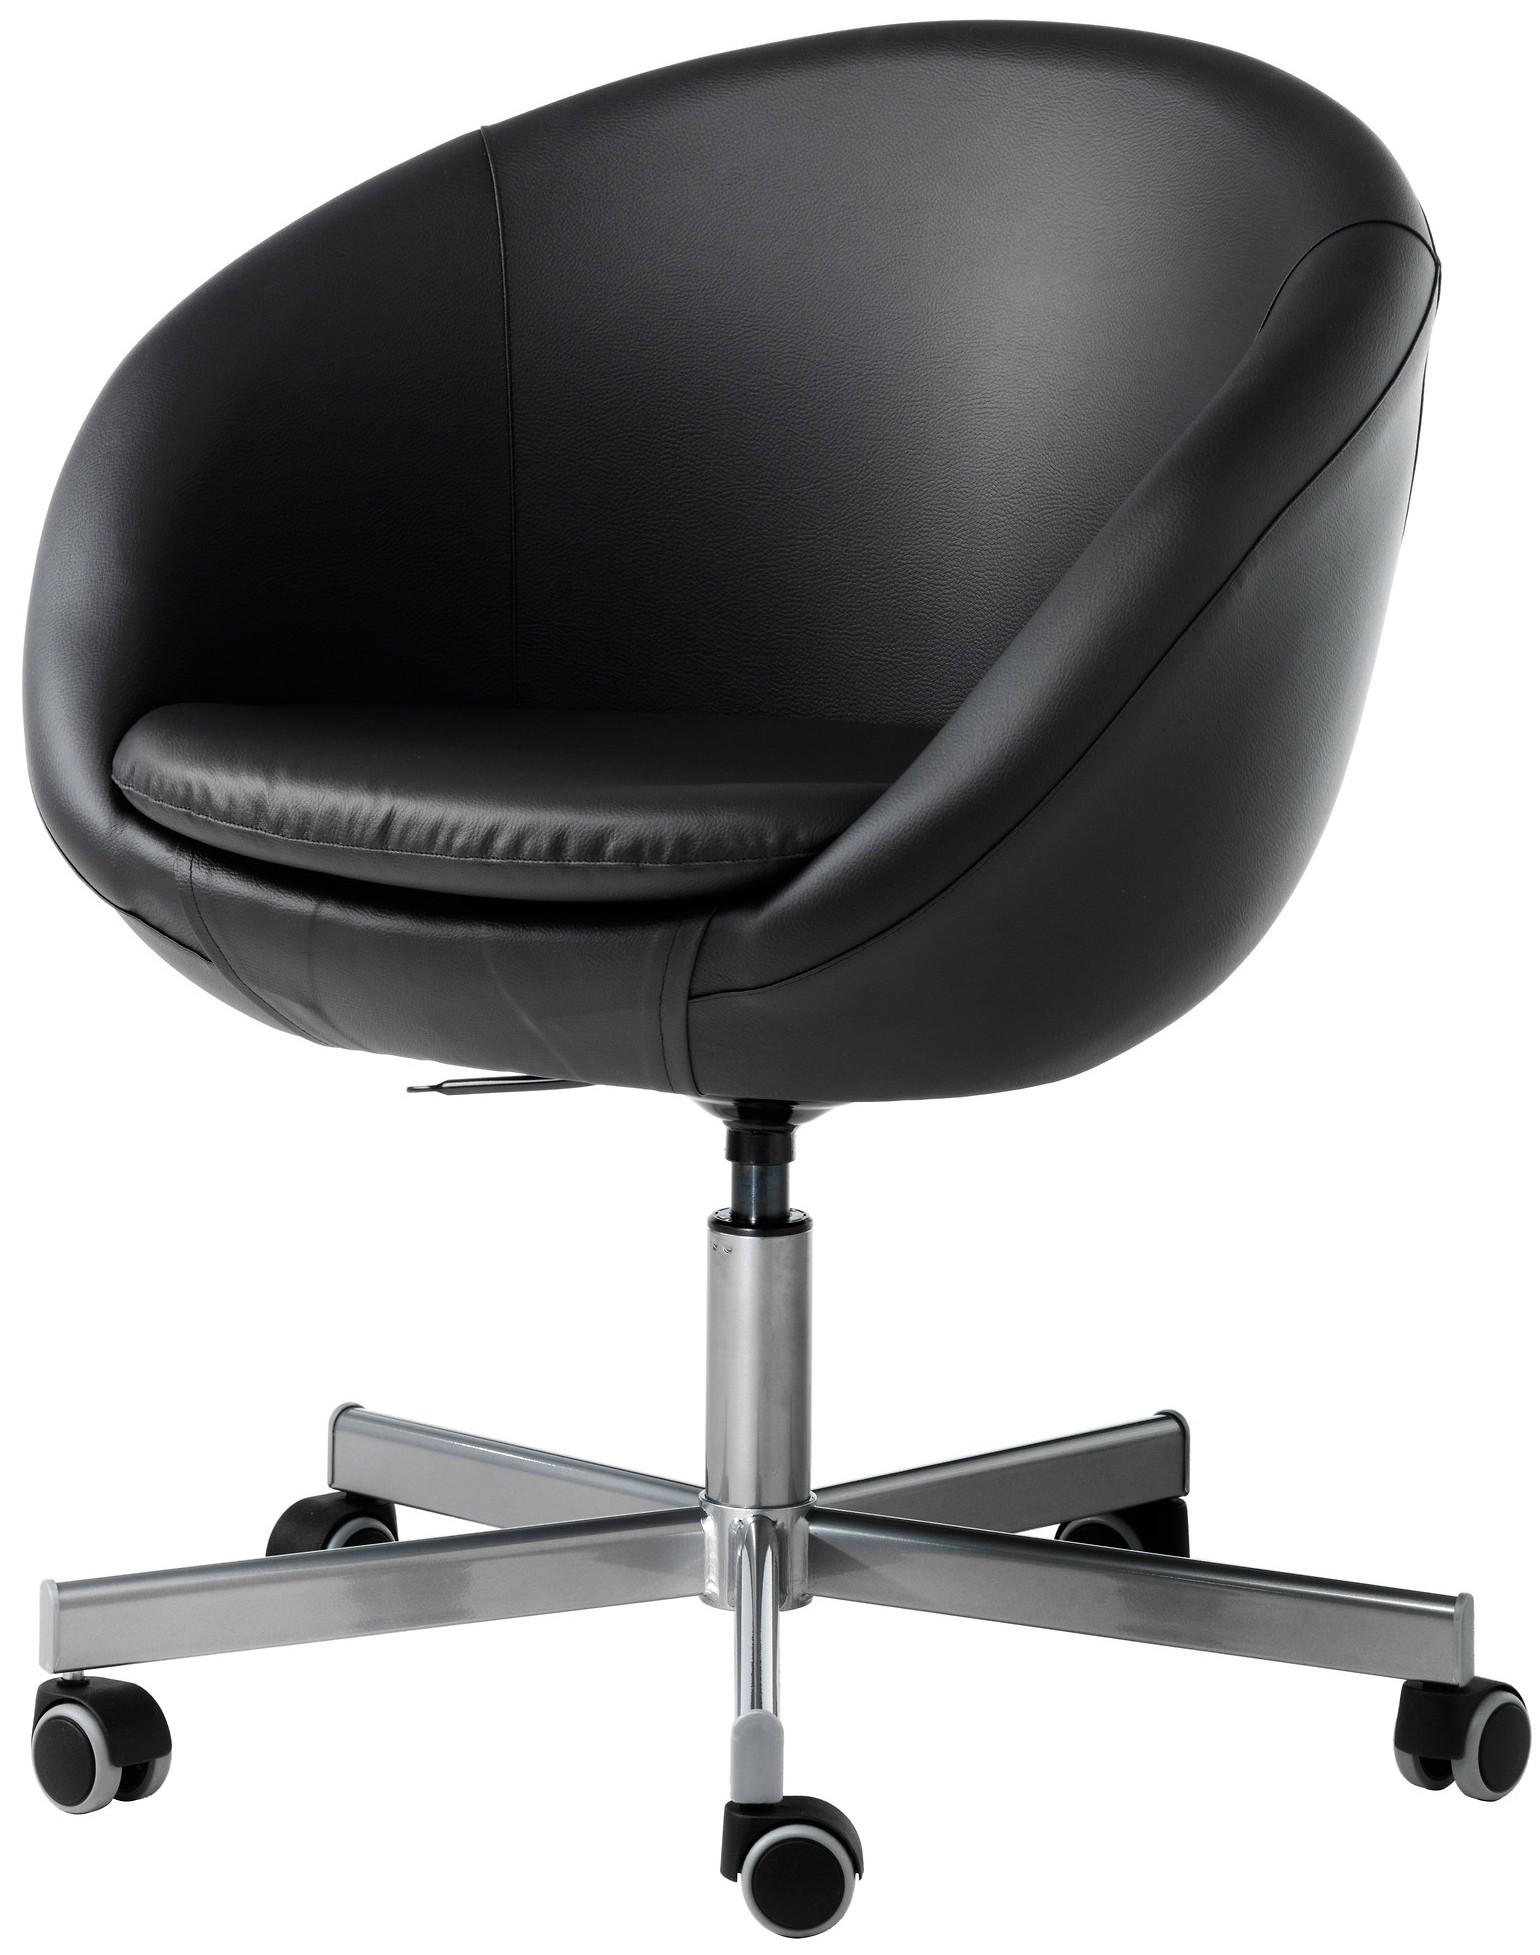 Ikea Skruvsta купить компьютерное кресло сравнение цен интернет